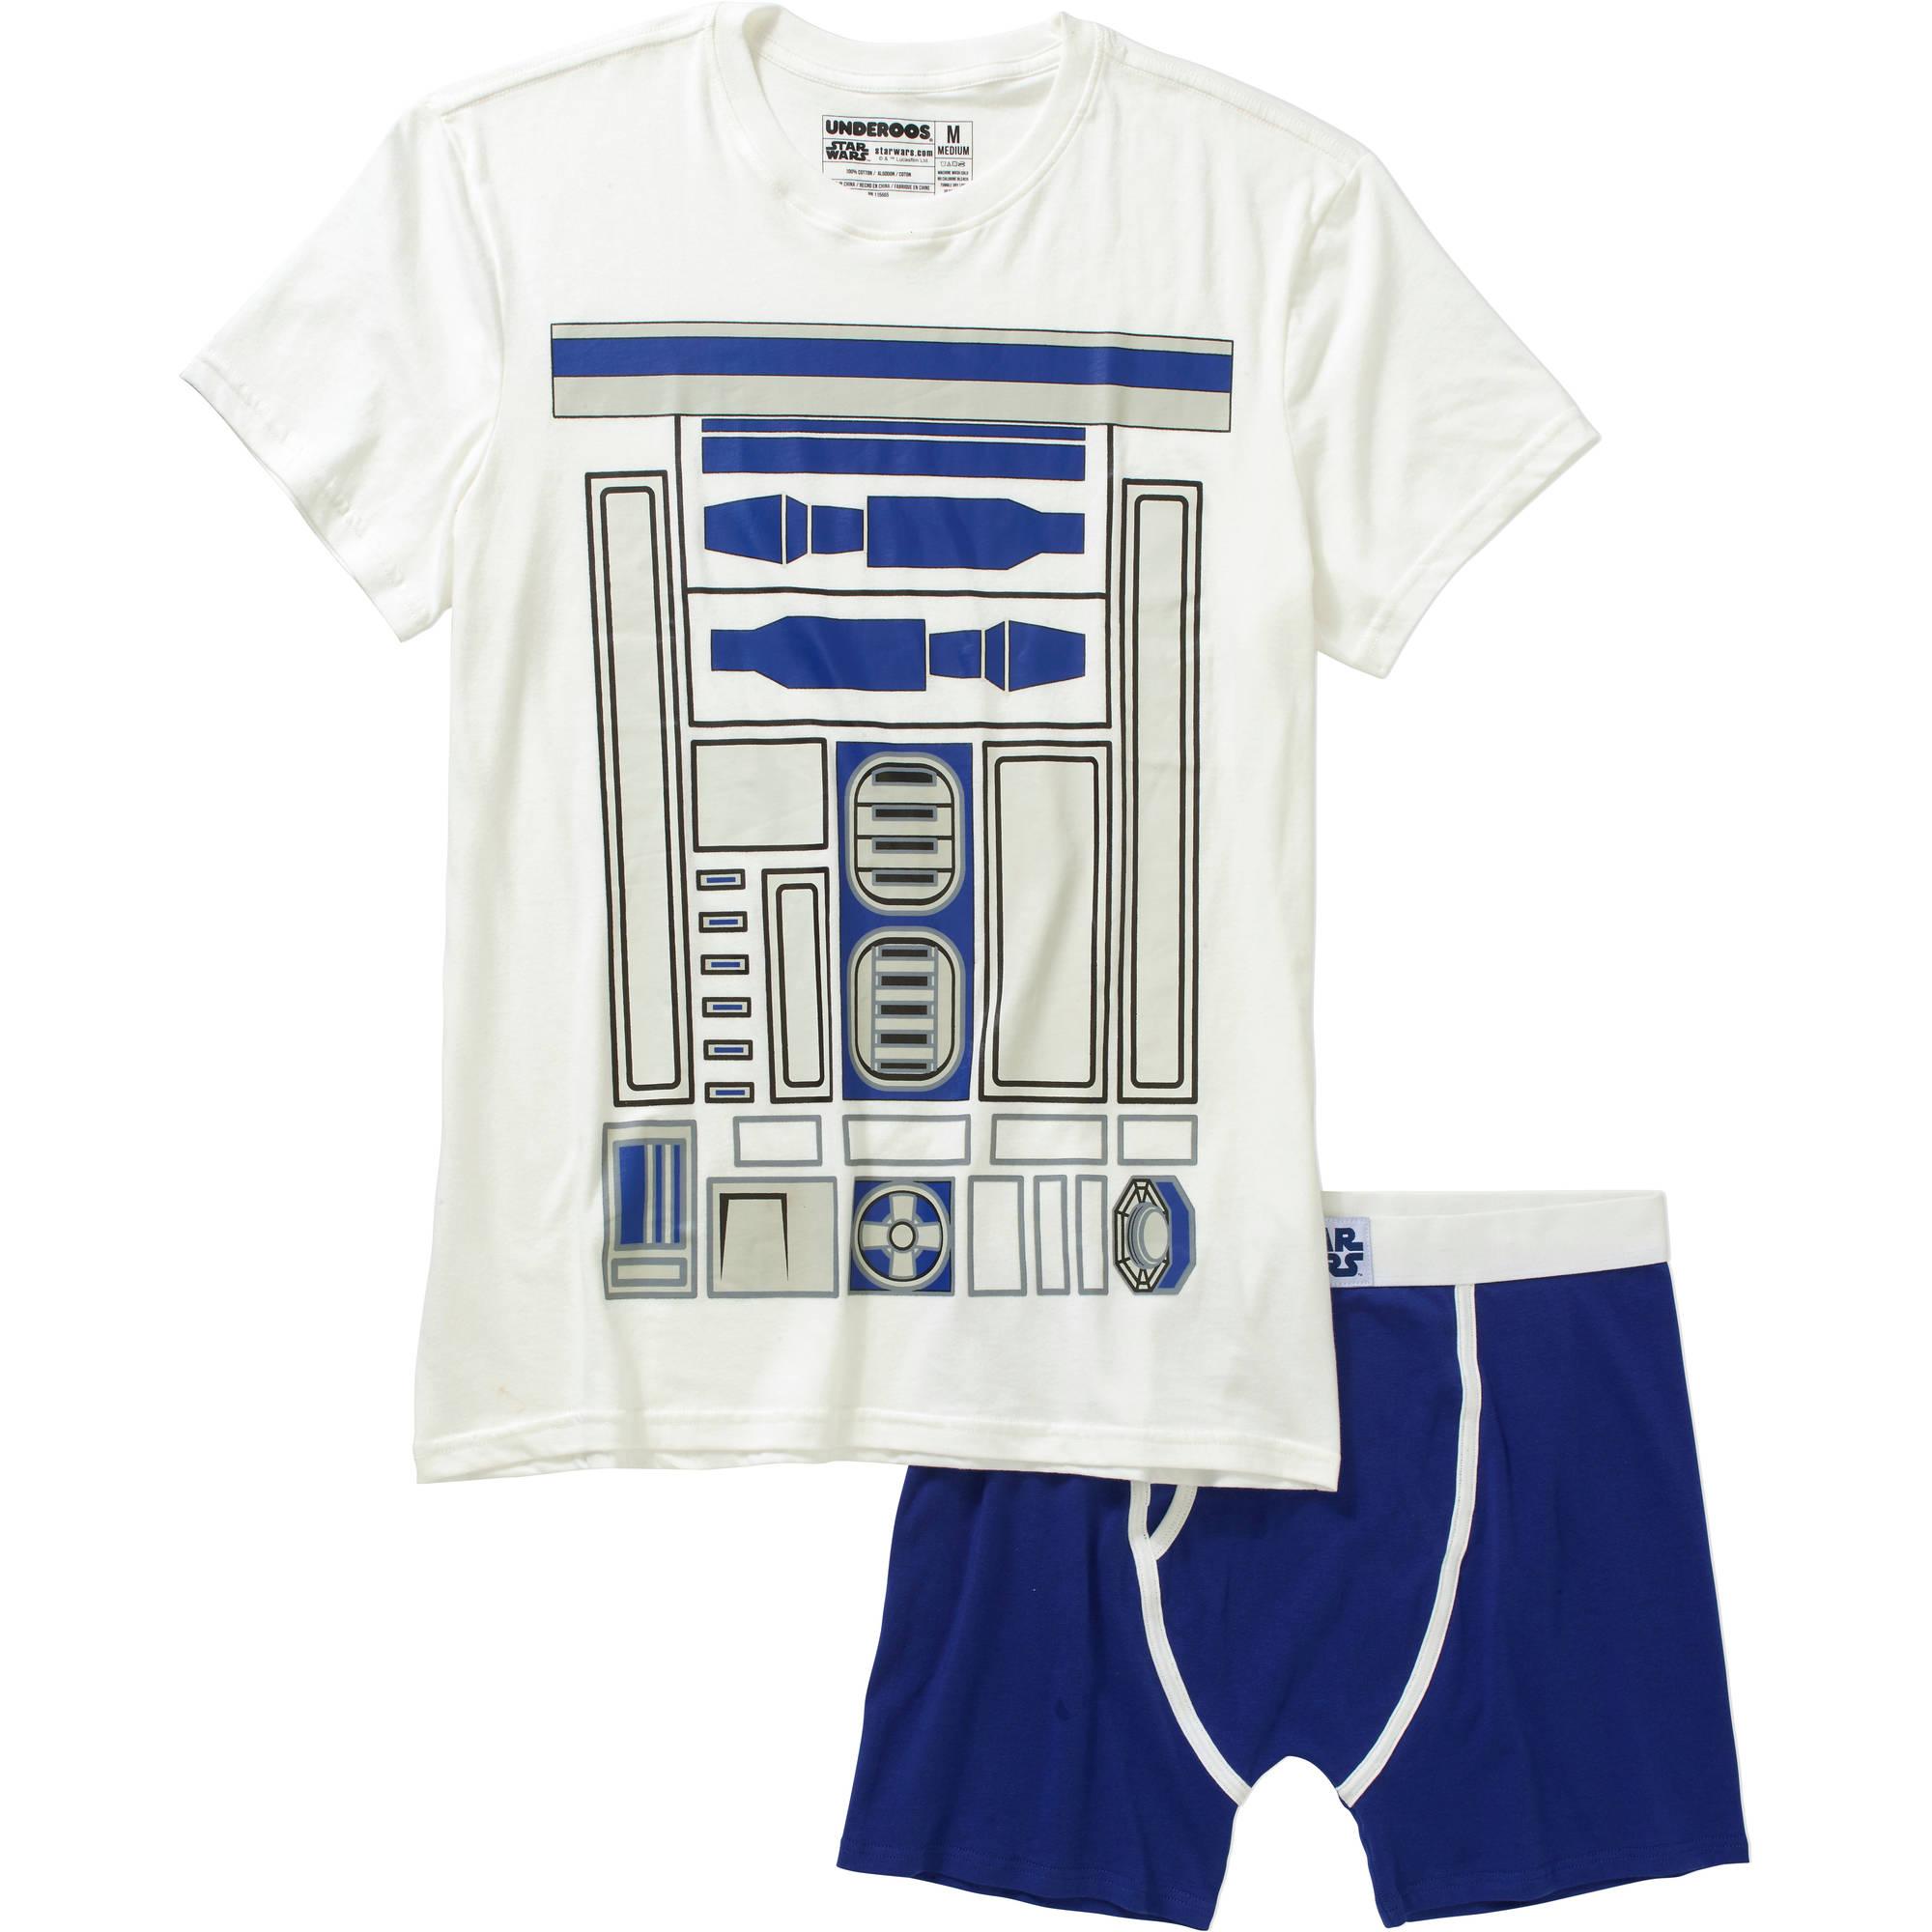 Star Wars R2D2 Men's Underoos Underwear Set